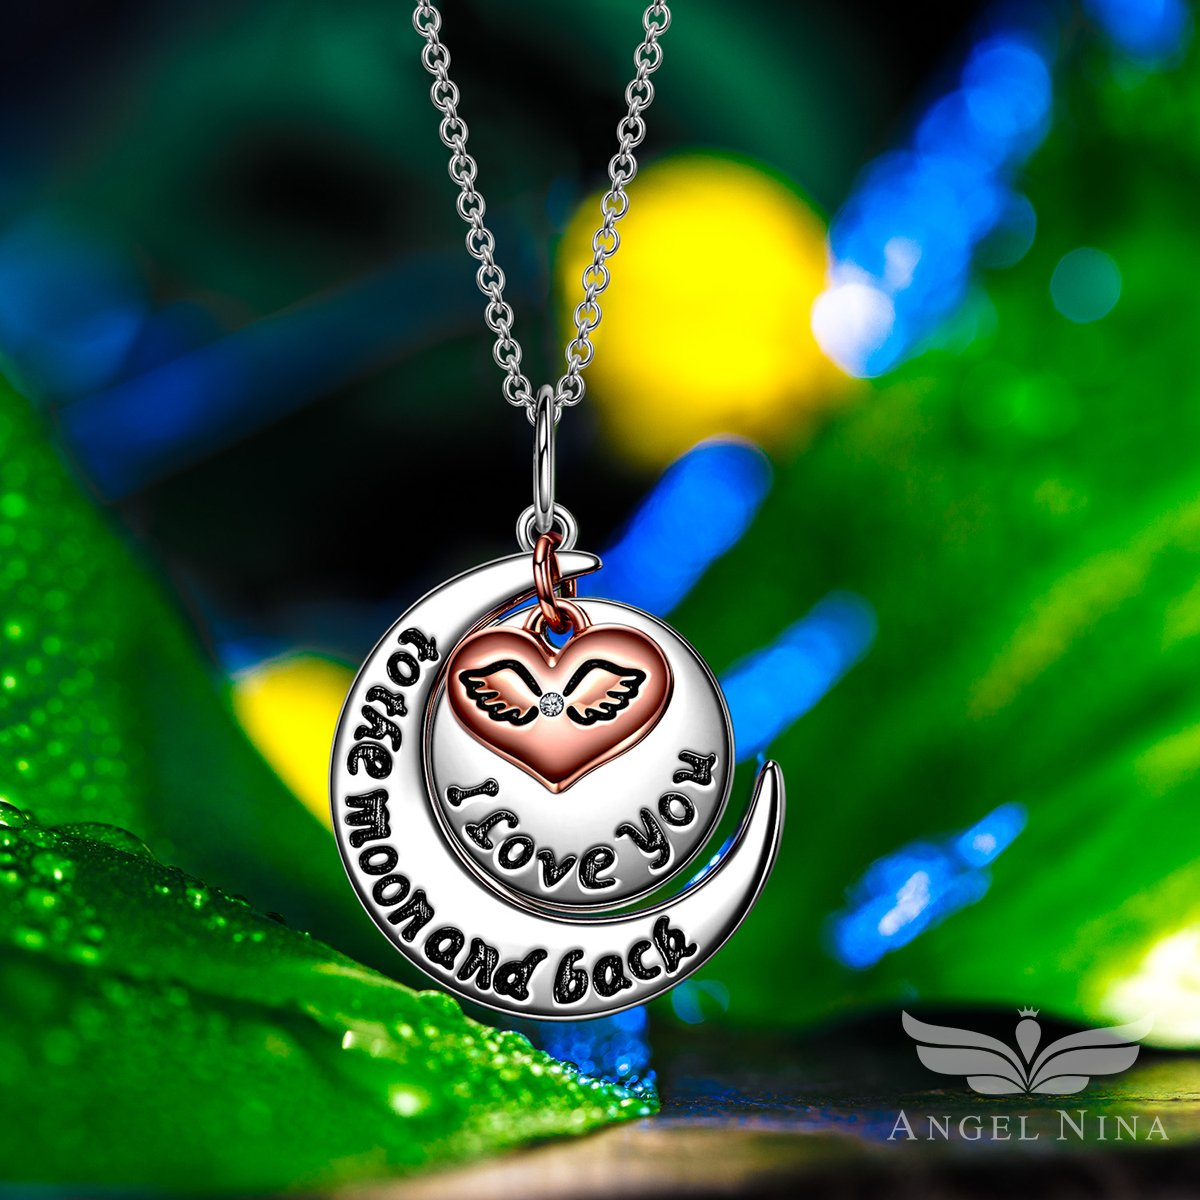 ANGEL NINA Collar Grabado de Plata de ley 925 Colgante Amor Corazon Alas de Oro de Rose Plateado Joyas Regalos para Navidad San Valentín de Mujer Regalo ...